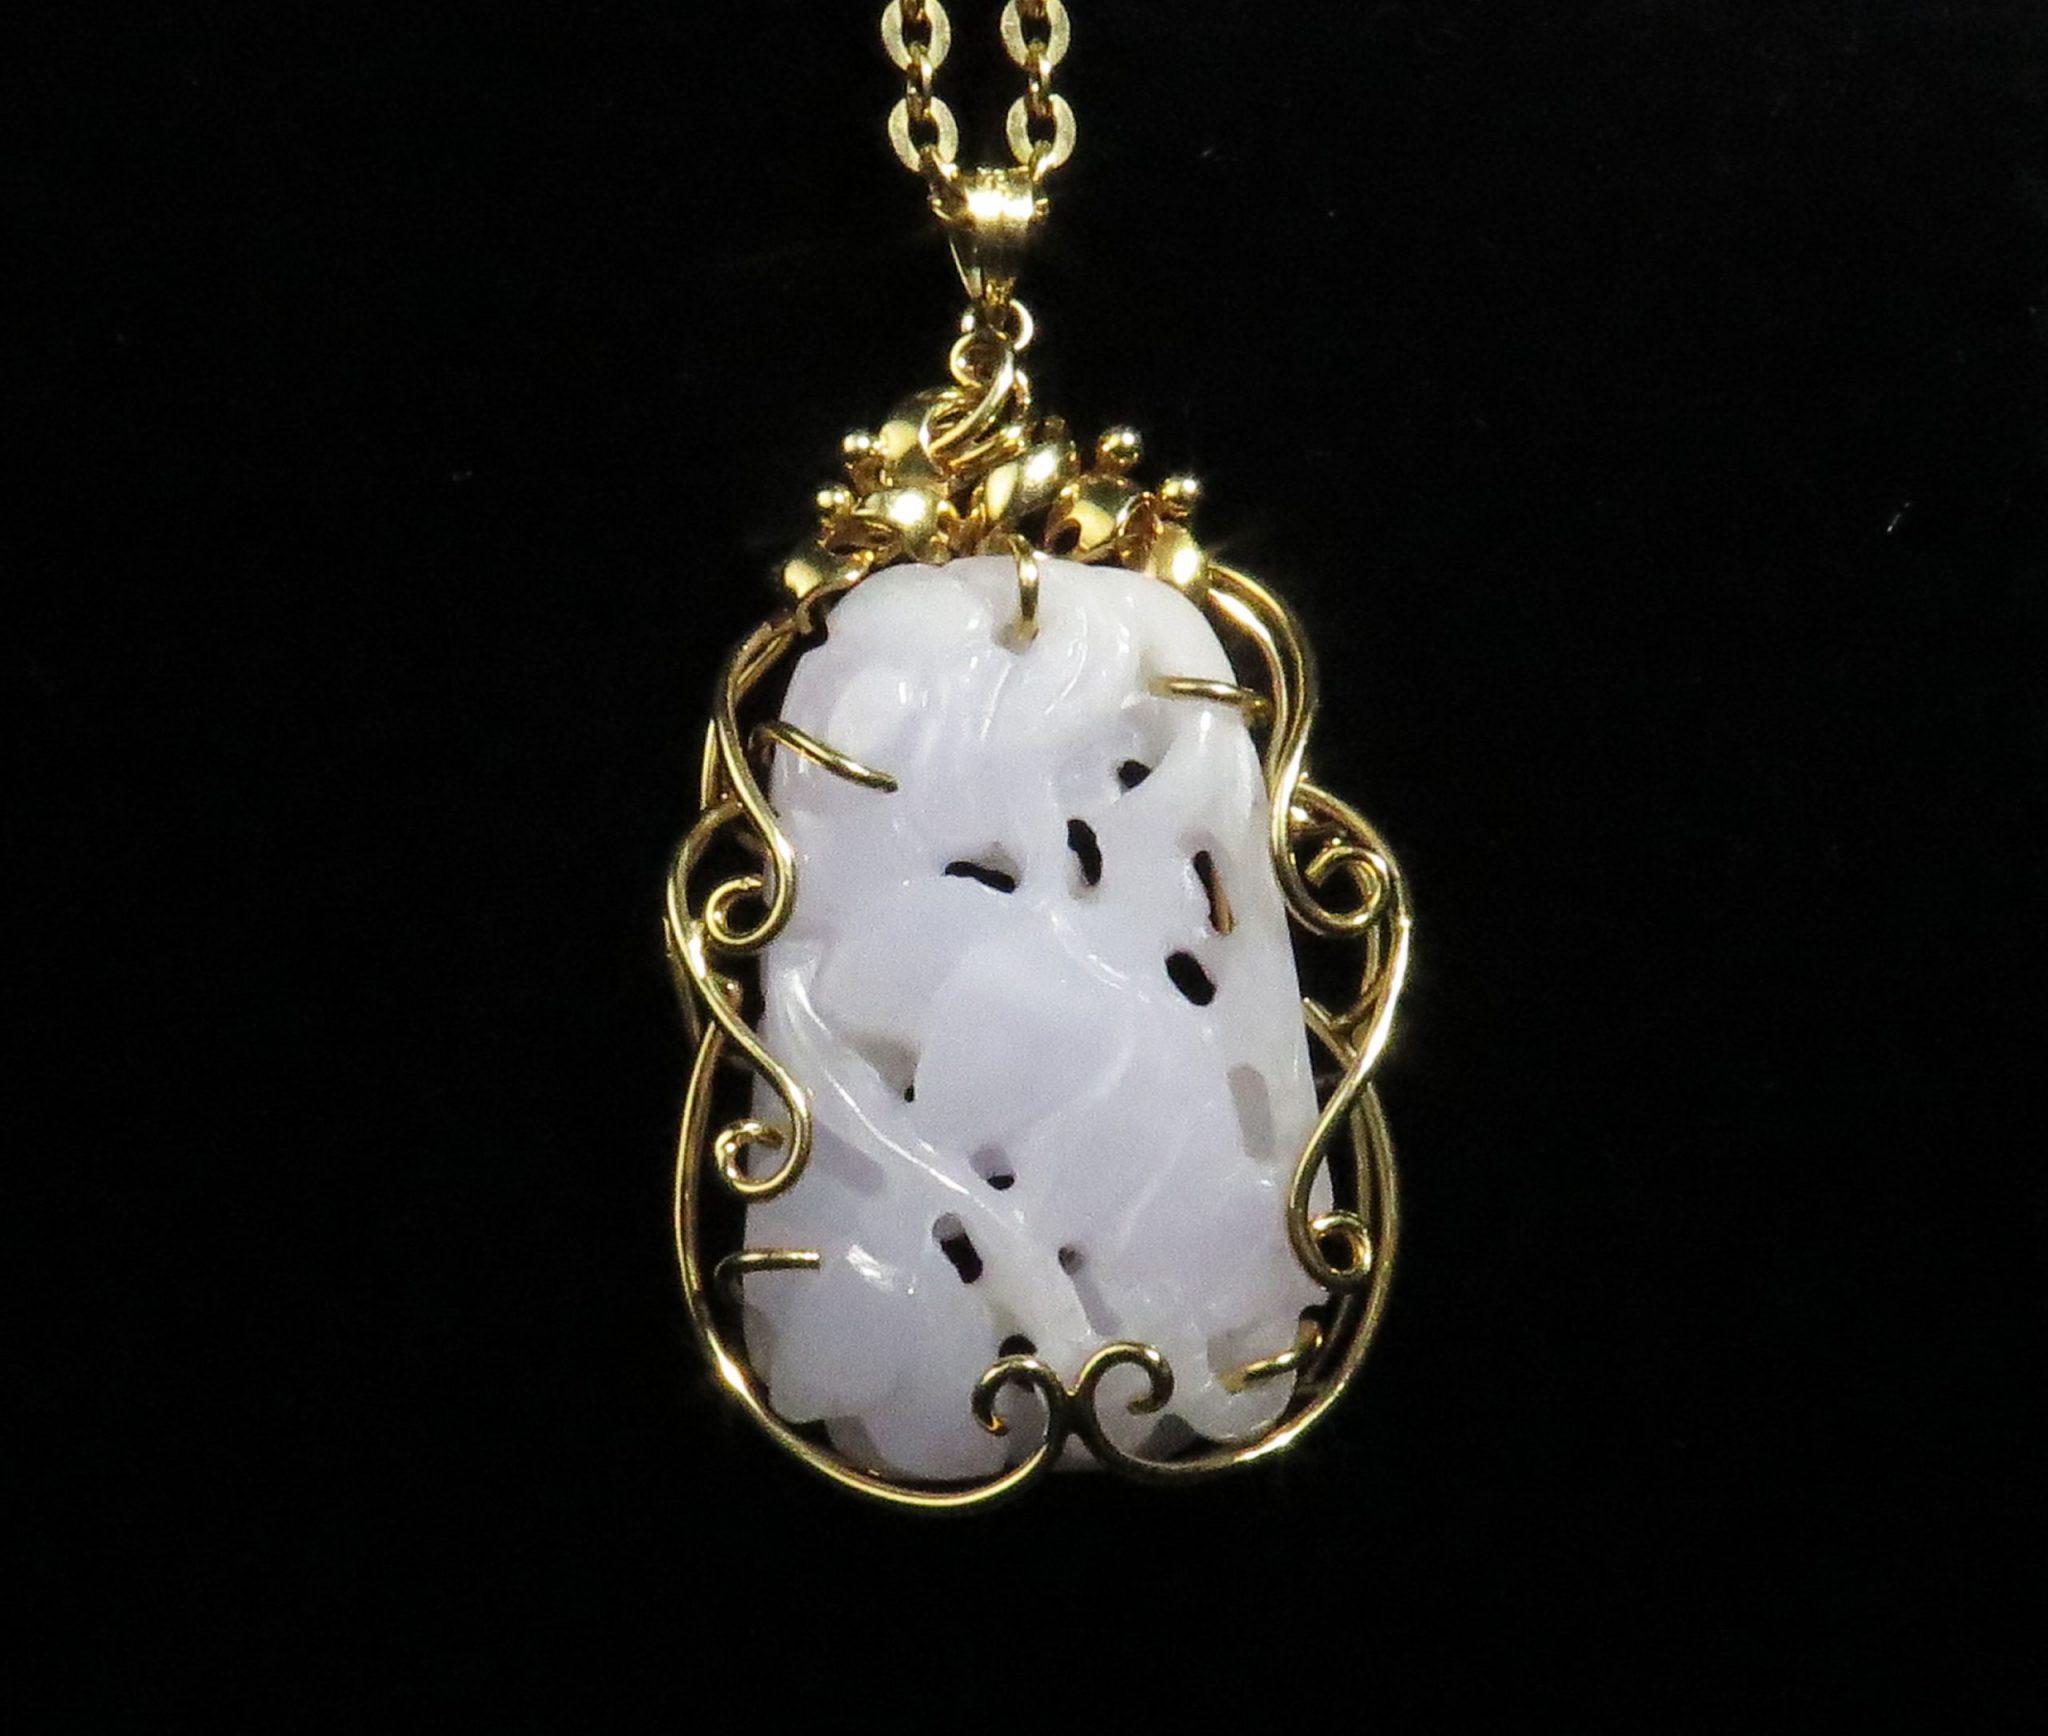 Gold Lavender Jadeite Pendant